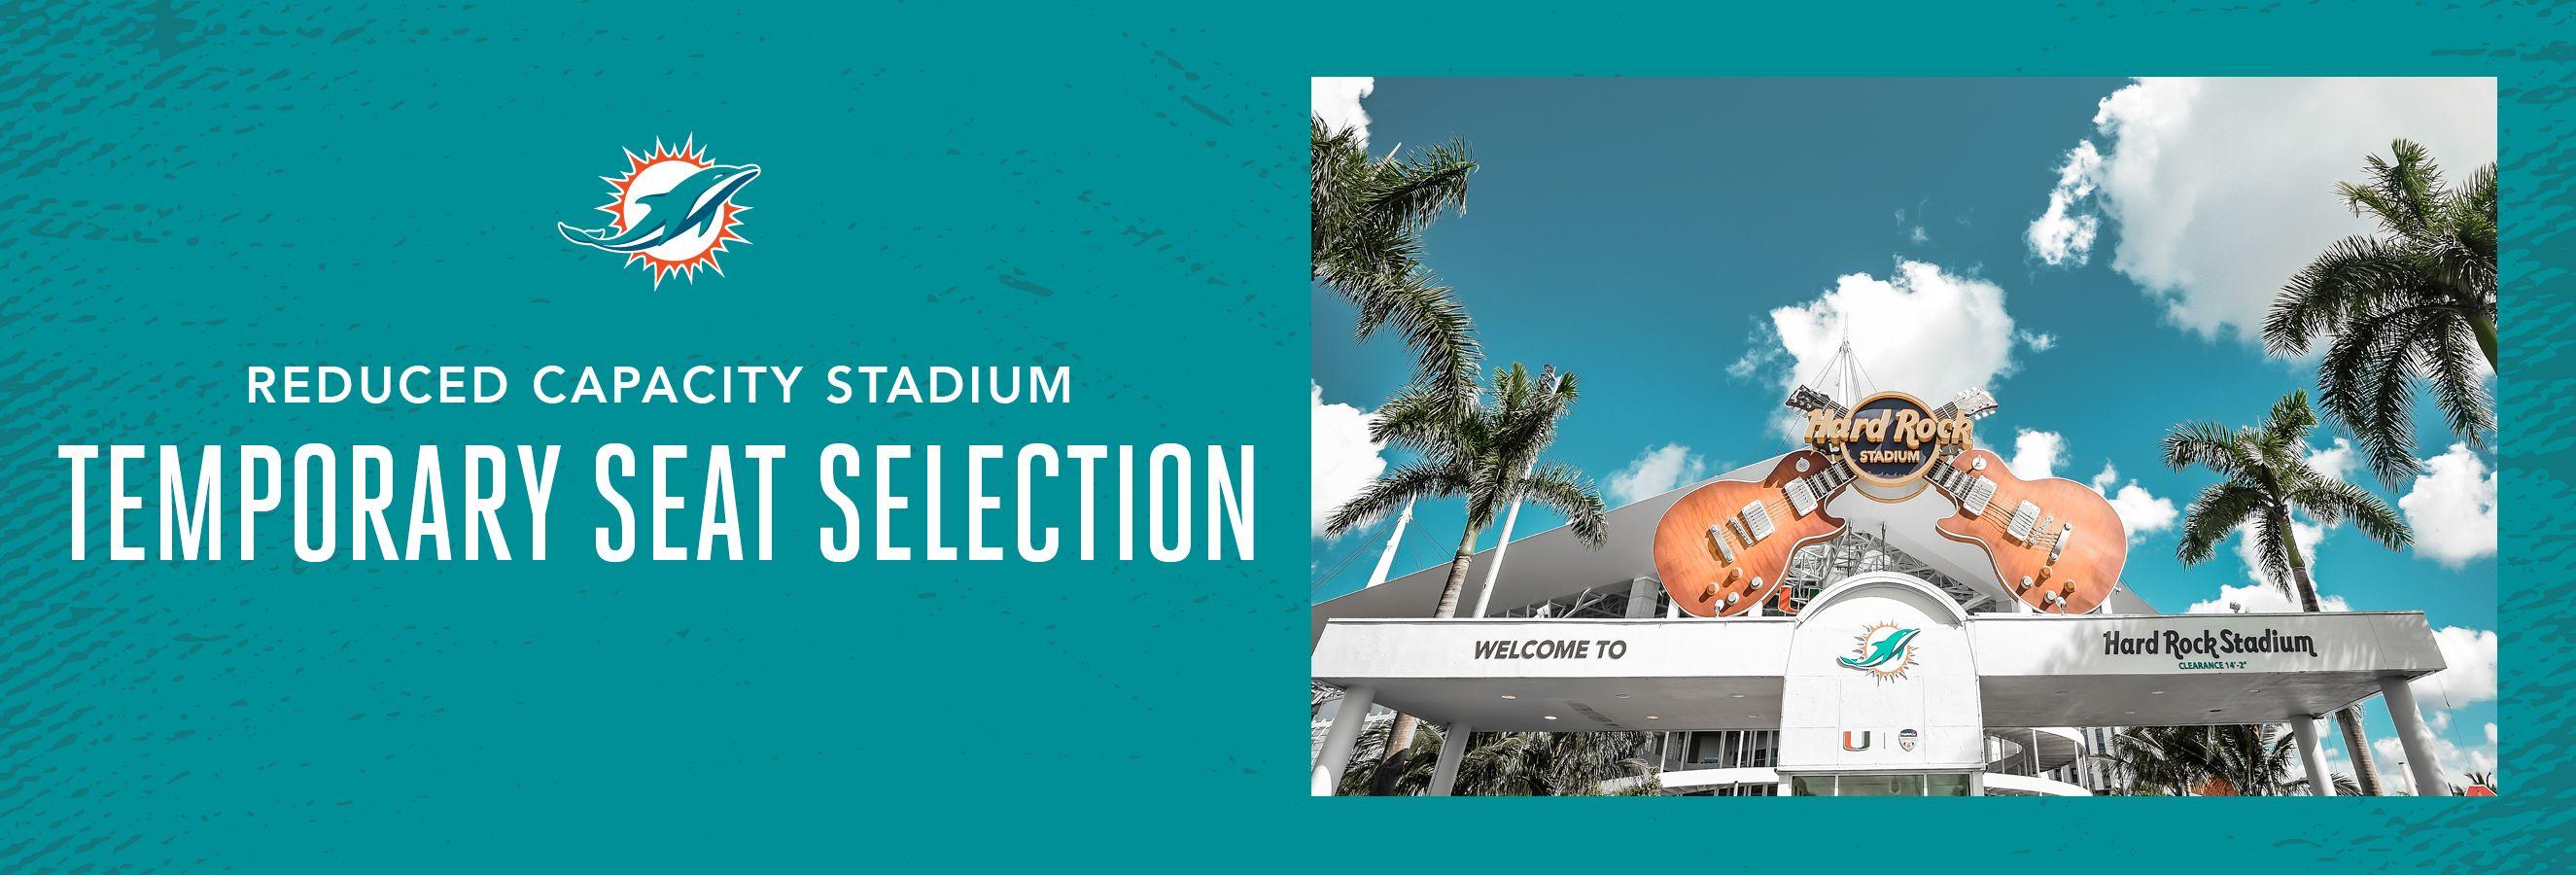 MEM215_Membership Season Relocation Graphics2